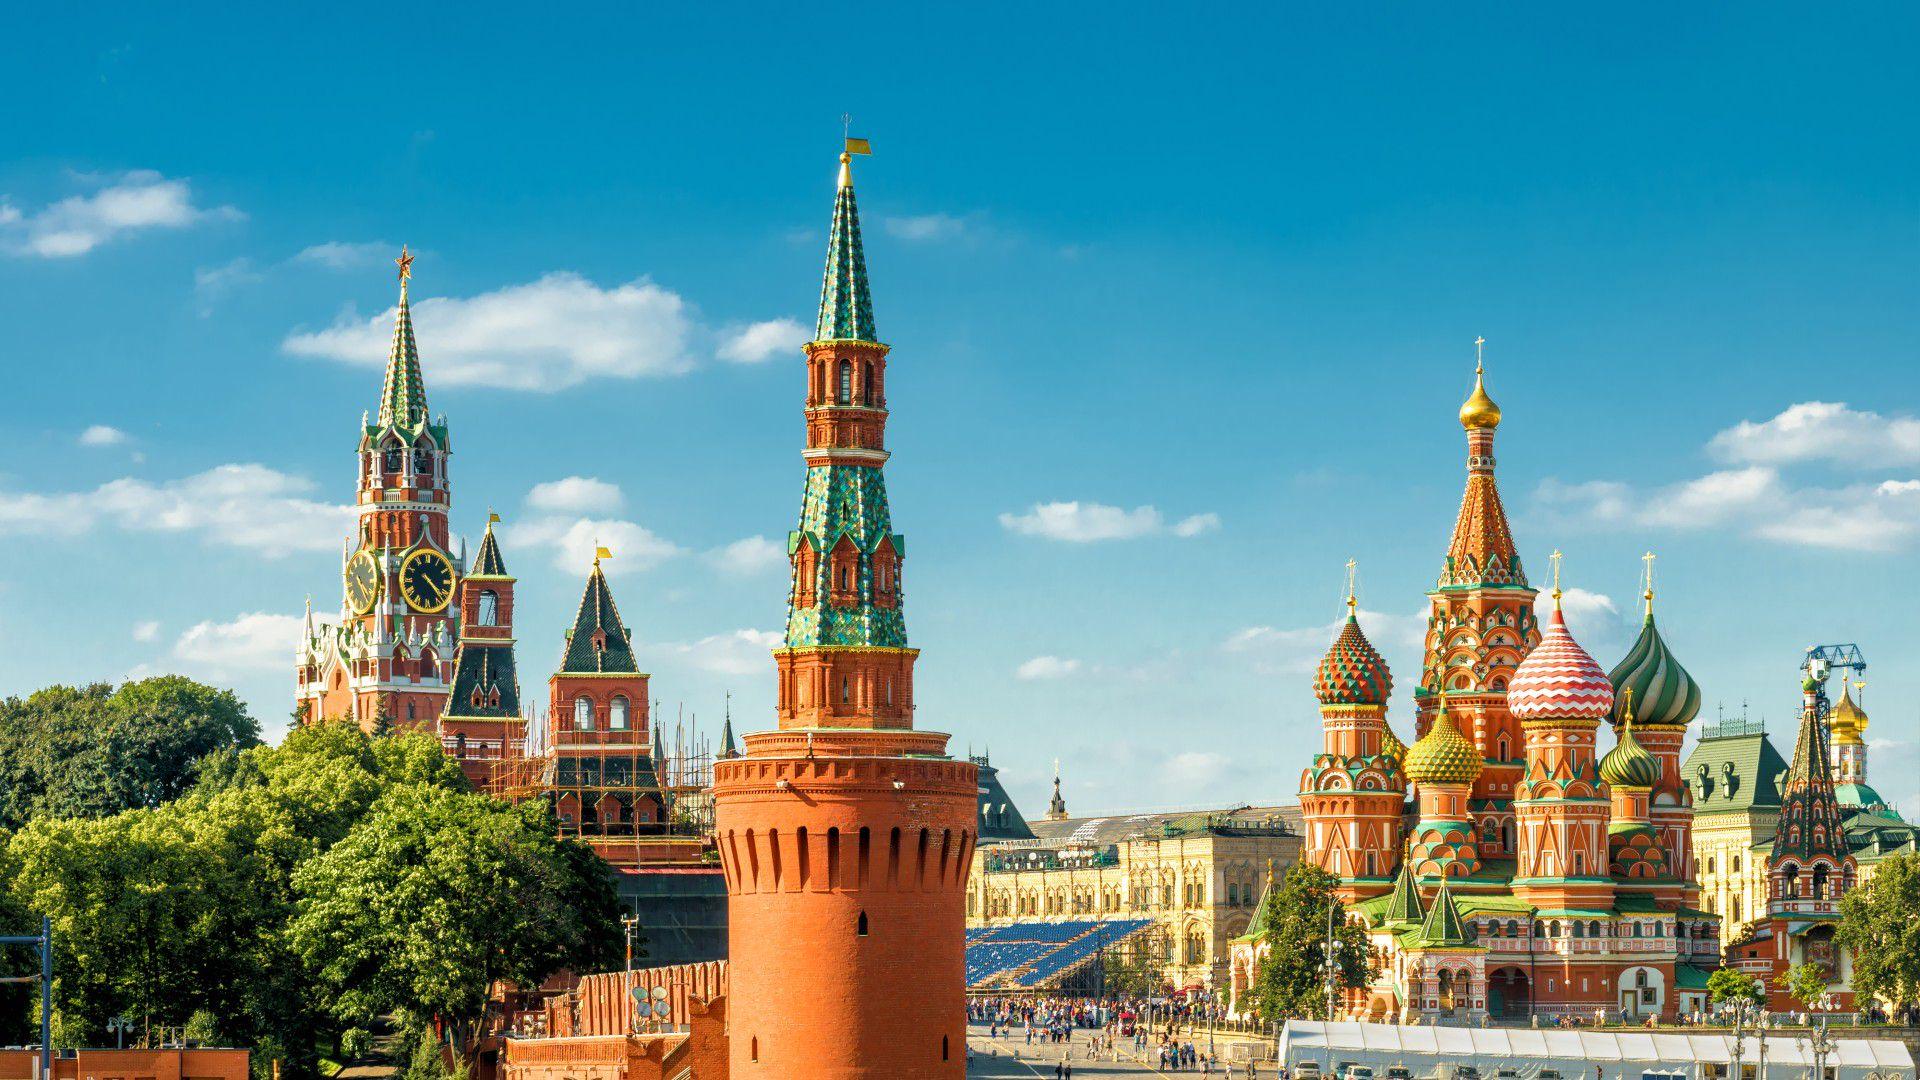 Обзорная экскурсия по Москве (4 часа) фото 1